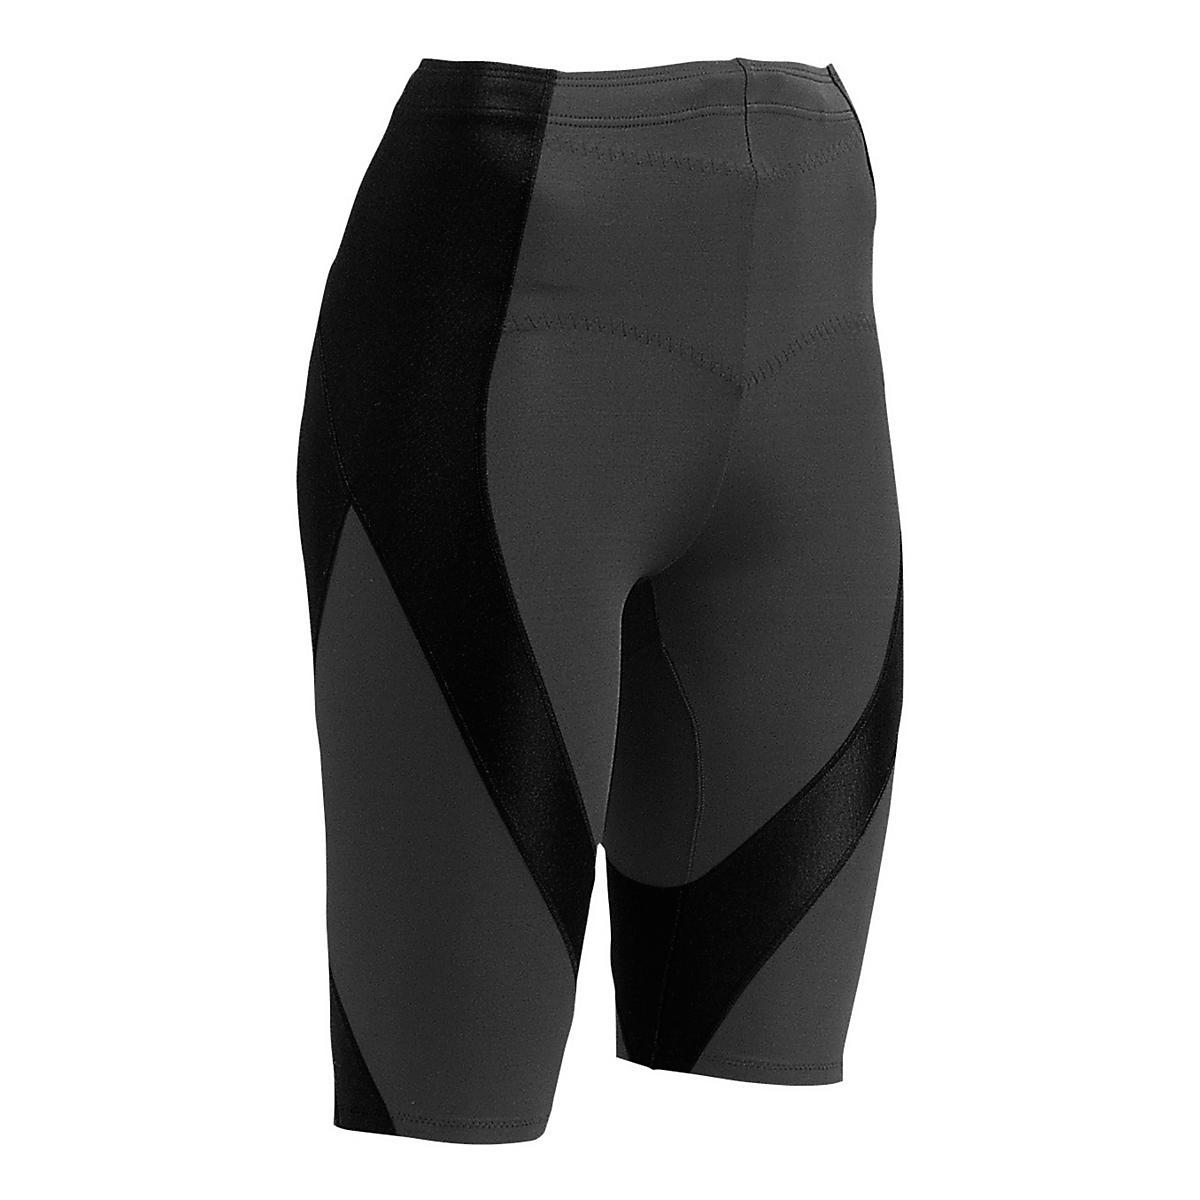 Women's CW-X�Pro Shorts